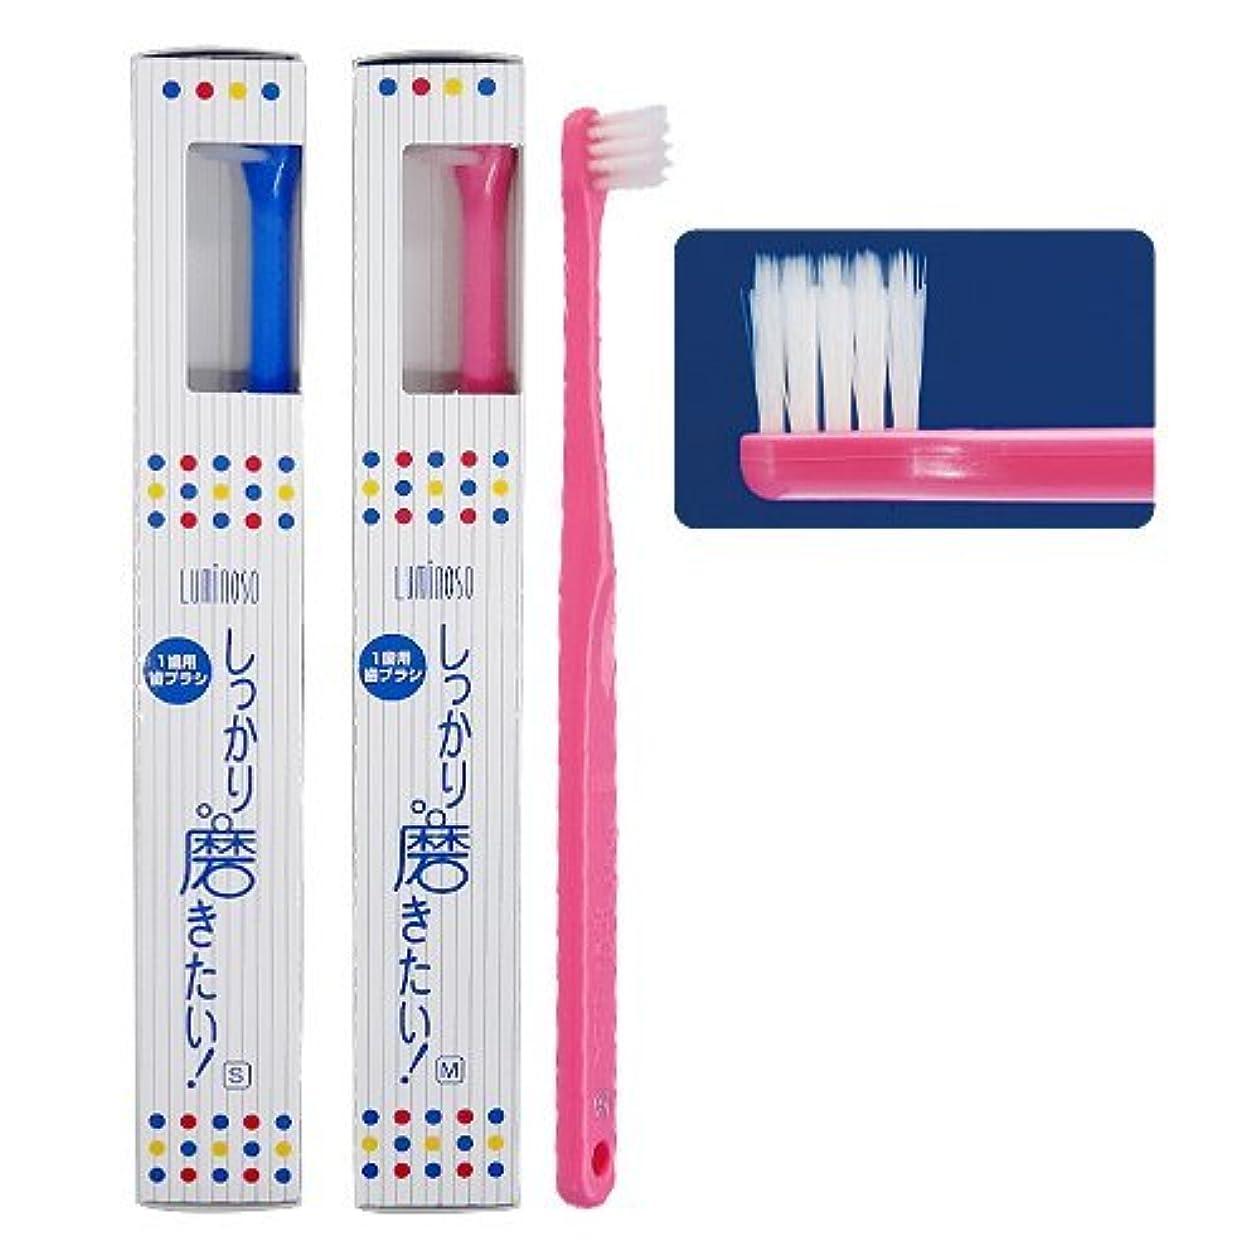 導体舌ぴかぴかルミノソ 1歯用歯ブラシ「しっかり磨きたい!」スタンダード ミディアム (カラー指定不可) 5本